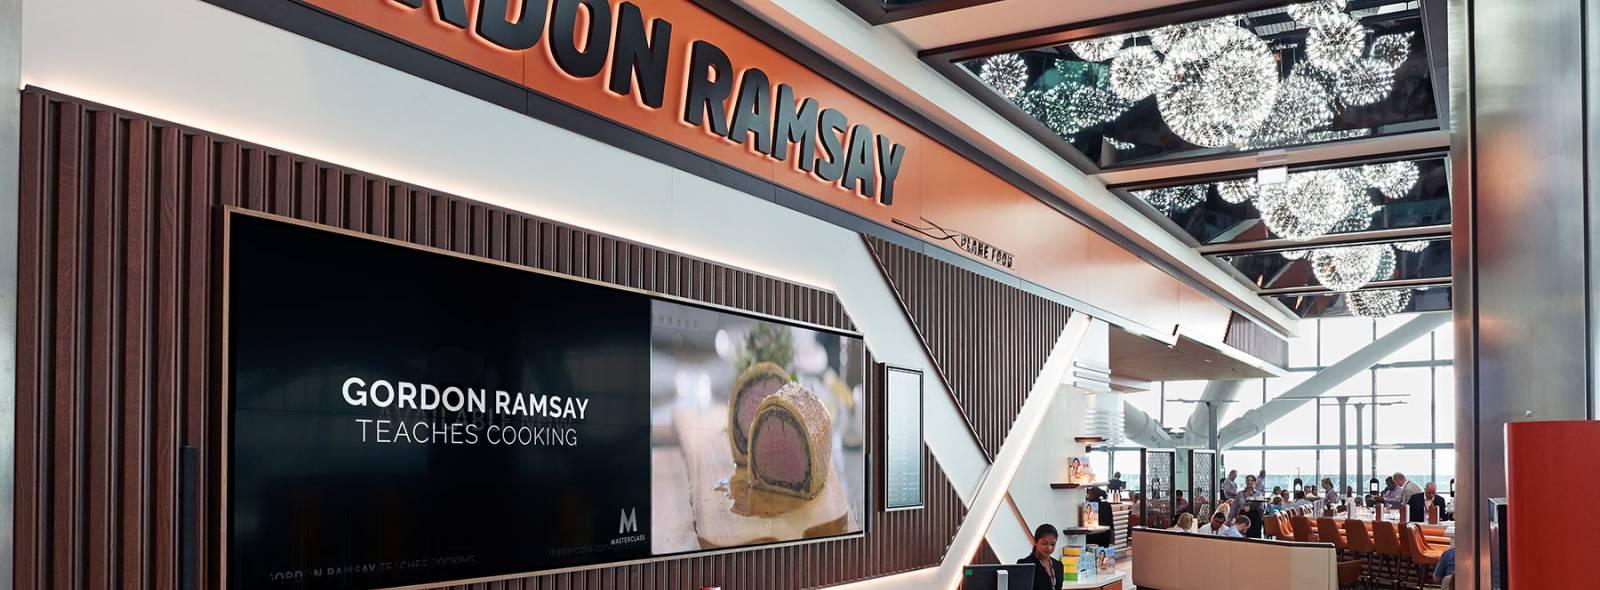 Gordon Ramsay Restaurants That Are Still Open